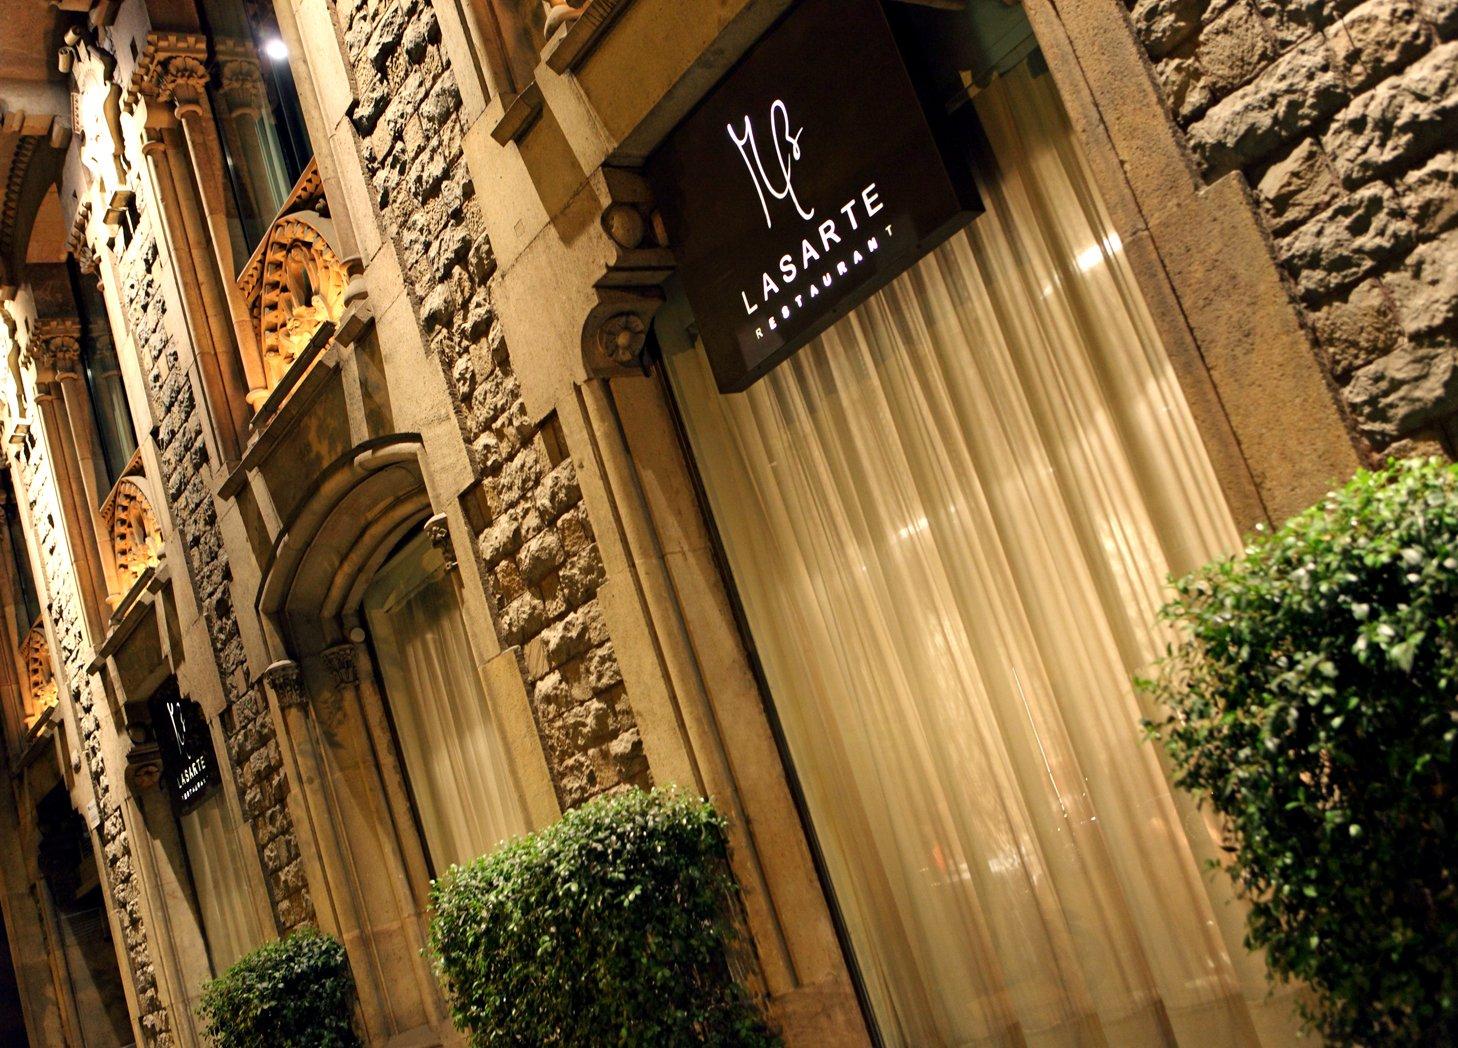 Lasarte de Martín Berasategui es el primer restaurante de Barcelona en obtener tres estrellas Michelín